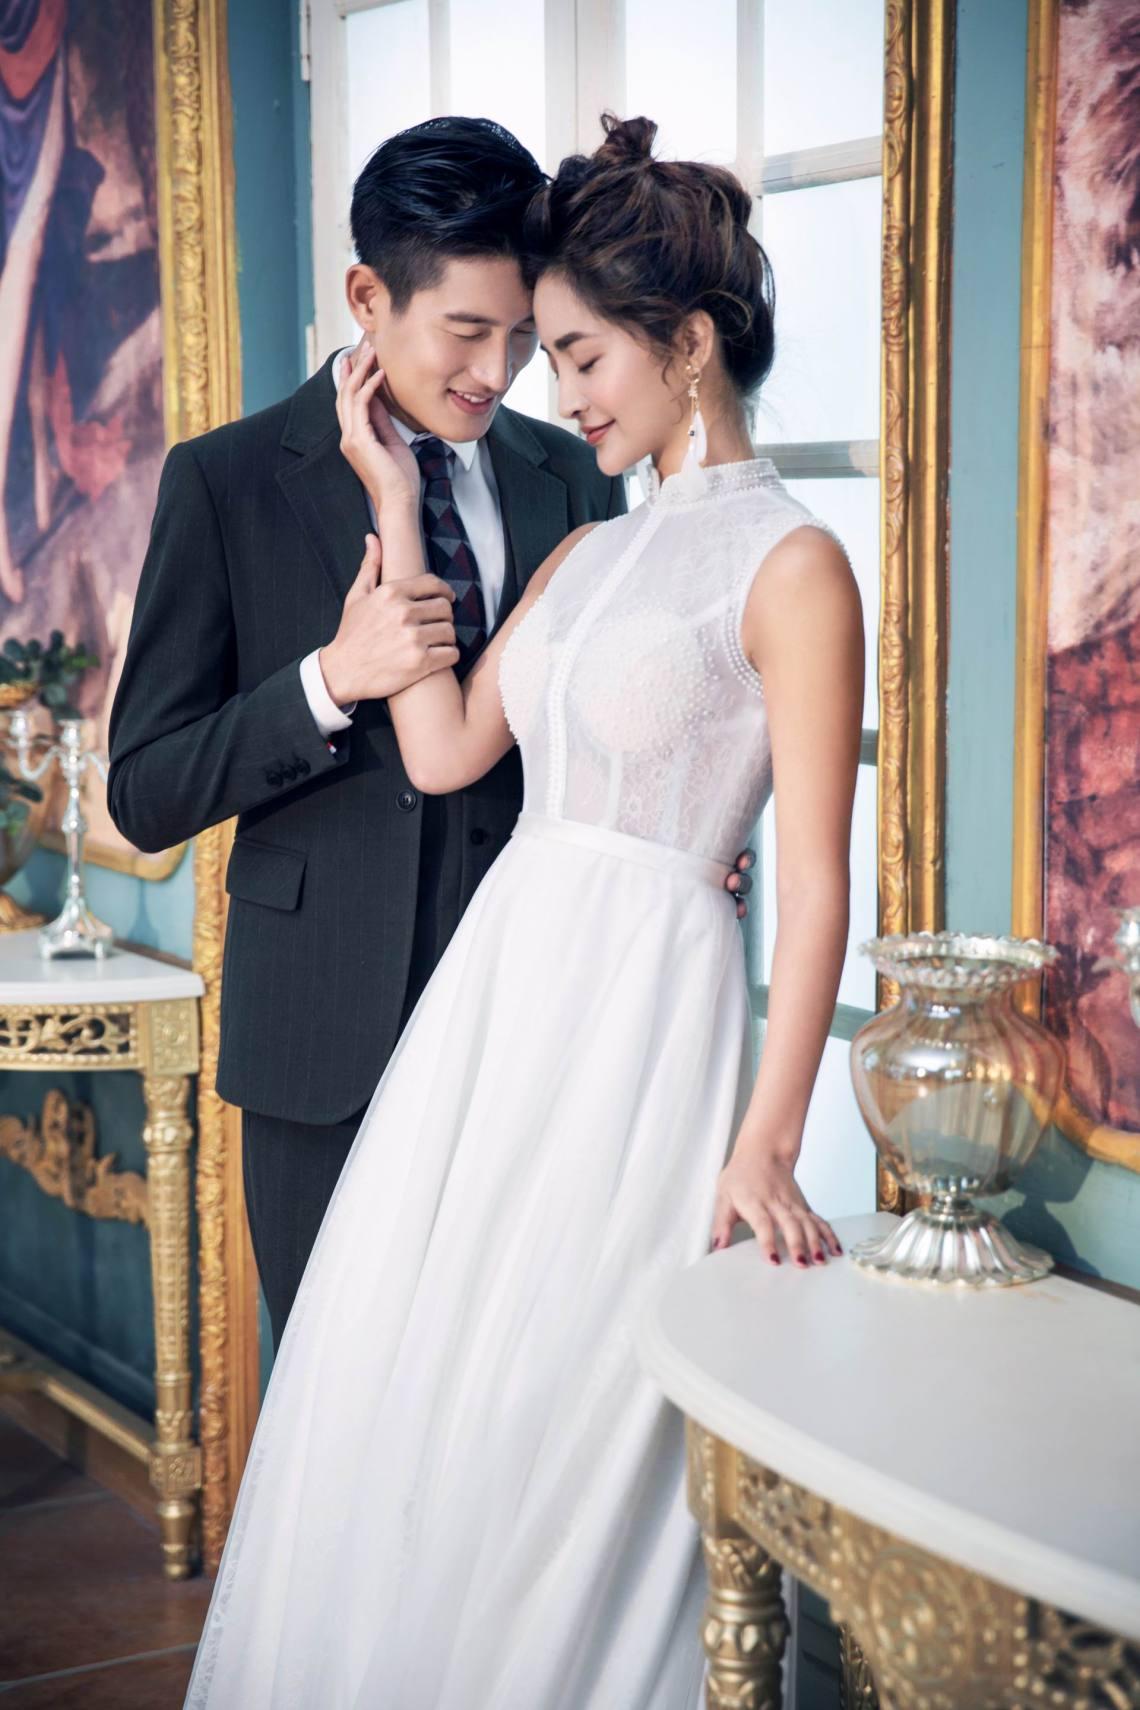 海外婚紗,日照拍婚紗,海外婚紗推薦,海外婚紗2020,a32